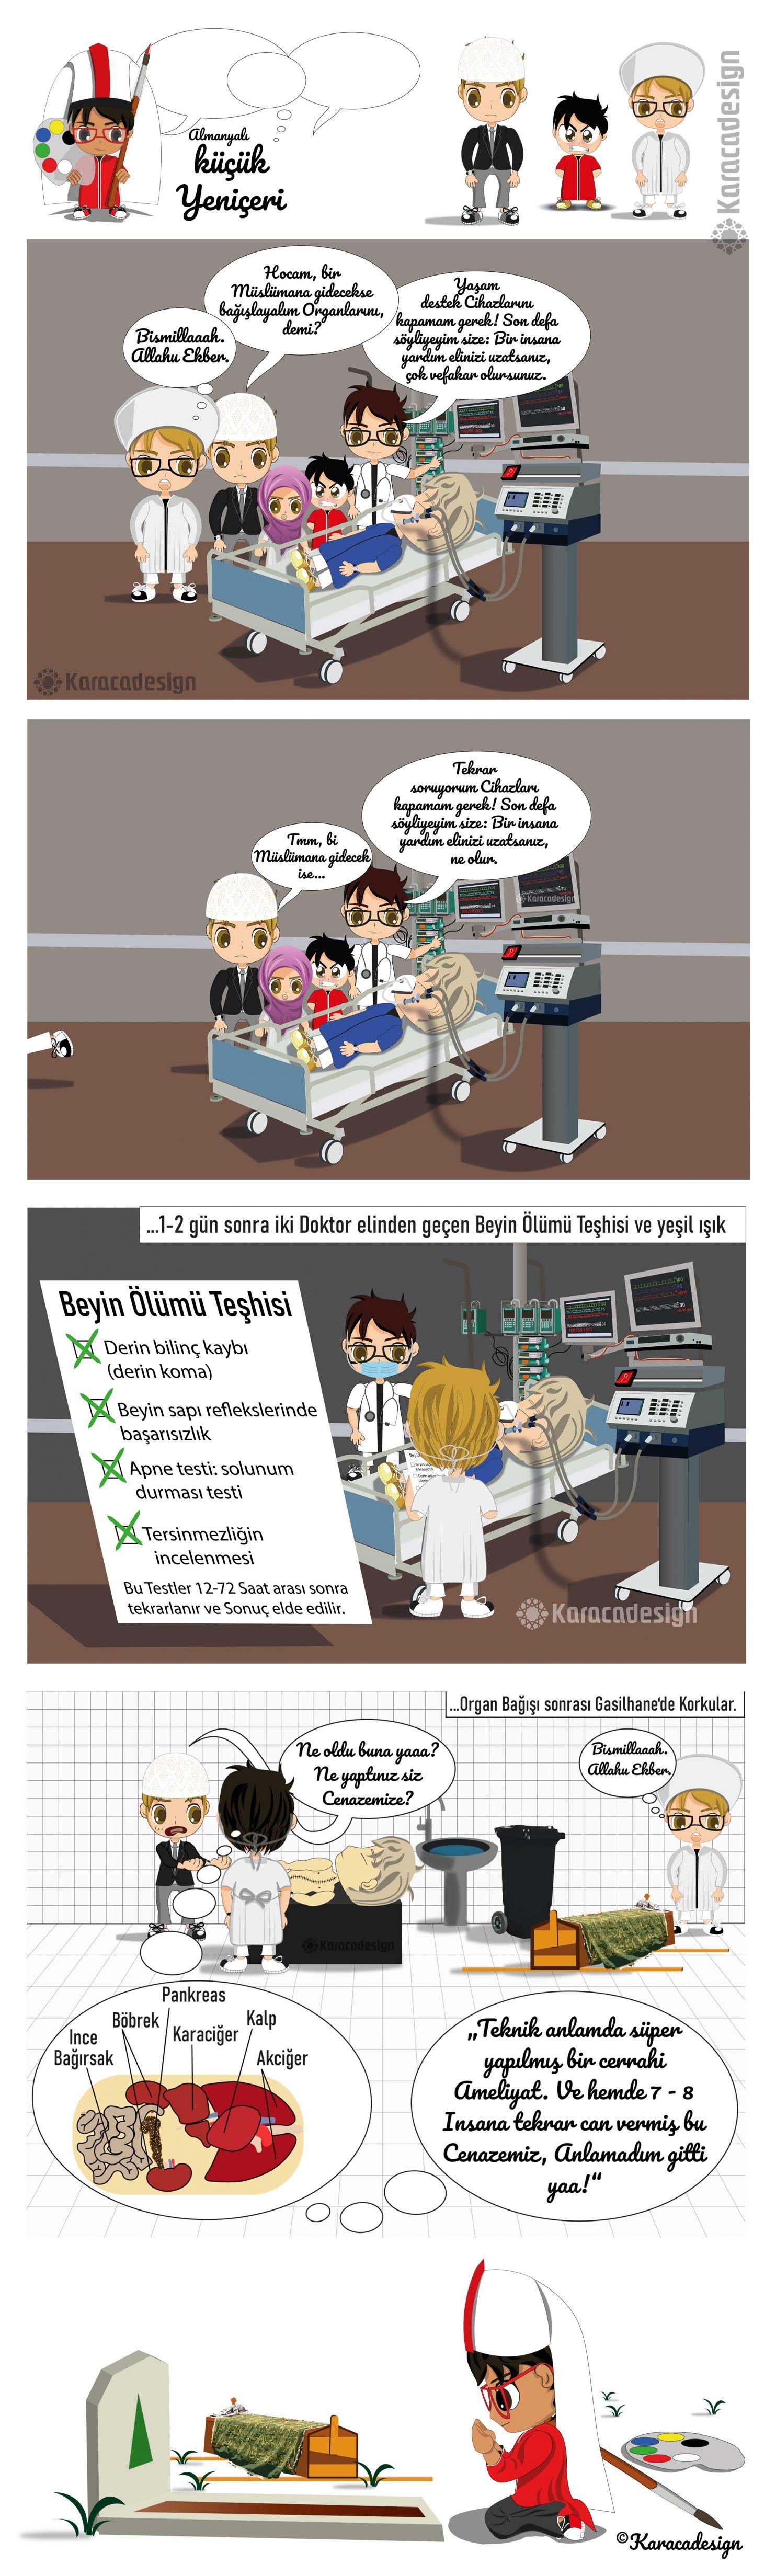 beyin ölümü teşhisi ve organ bağışı